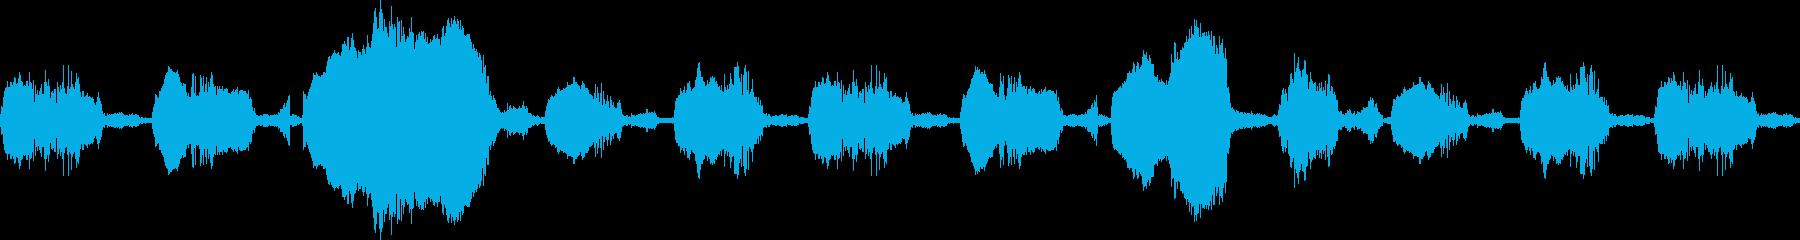 【赤ちゃん】 泣き声,ぐずる,ぐずり声の再生済みの波形